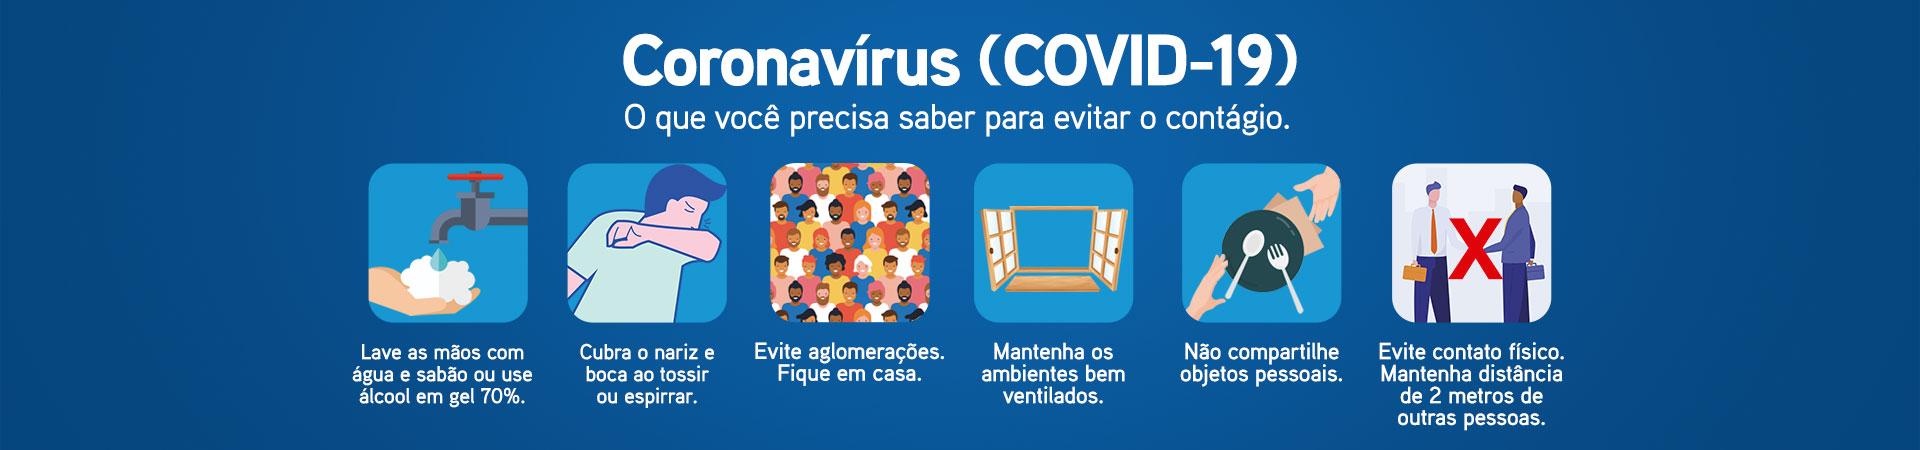 Cuidados preventivos sobre o Coronavírus (COVID-19)